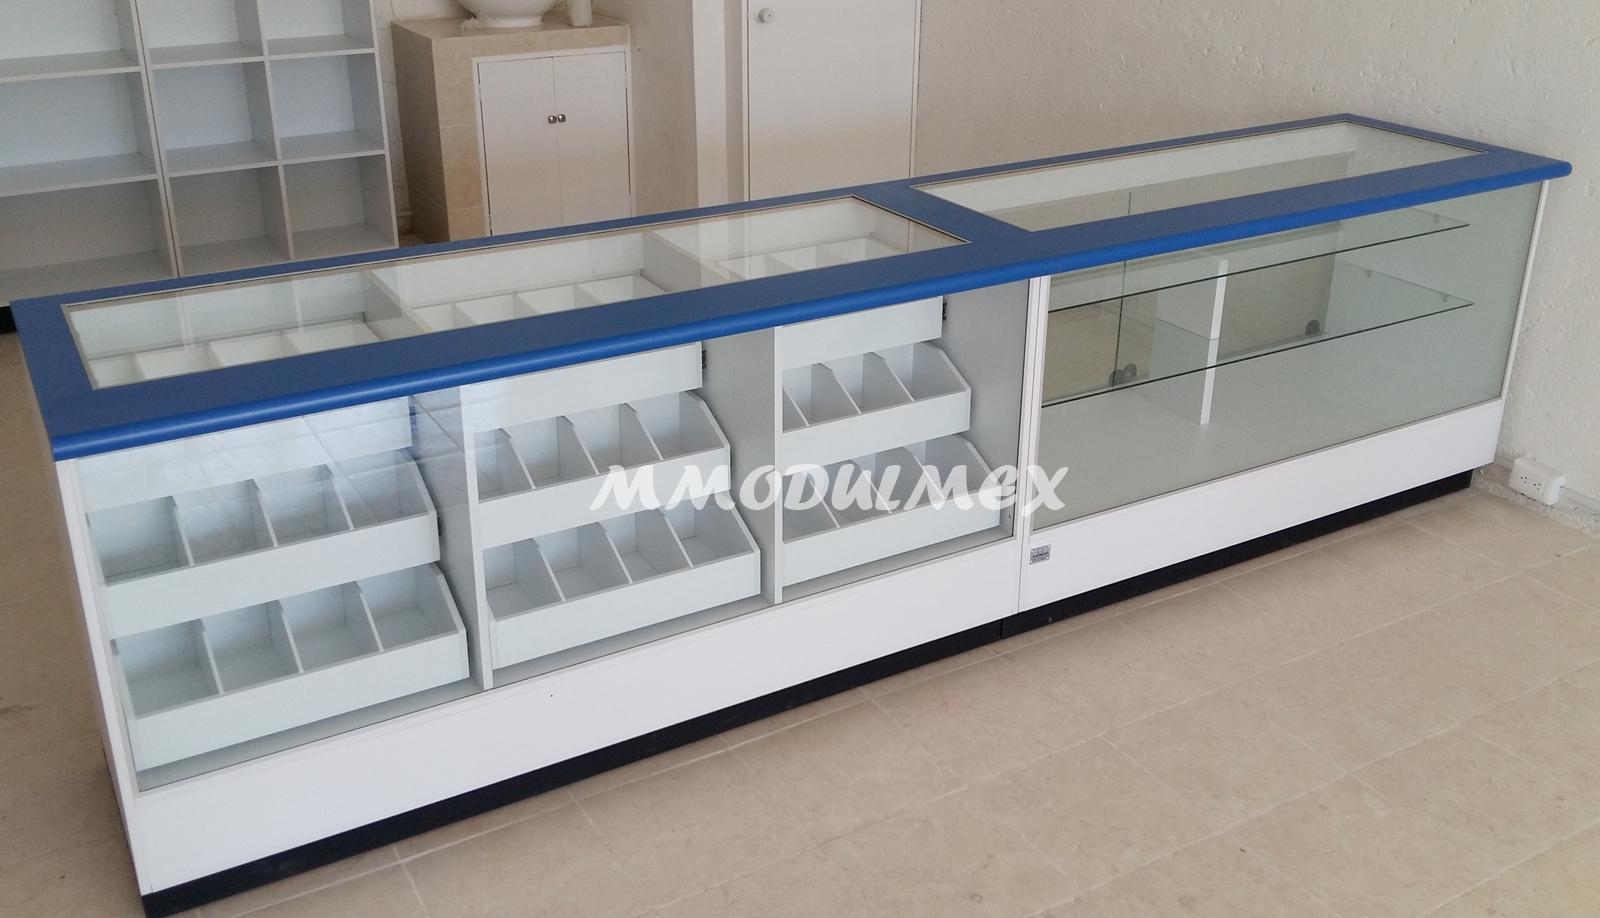 Mostradores vitrinas estantes estanter a anaqueles for Muebles para supermercado